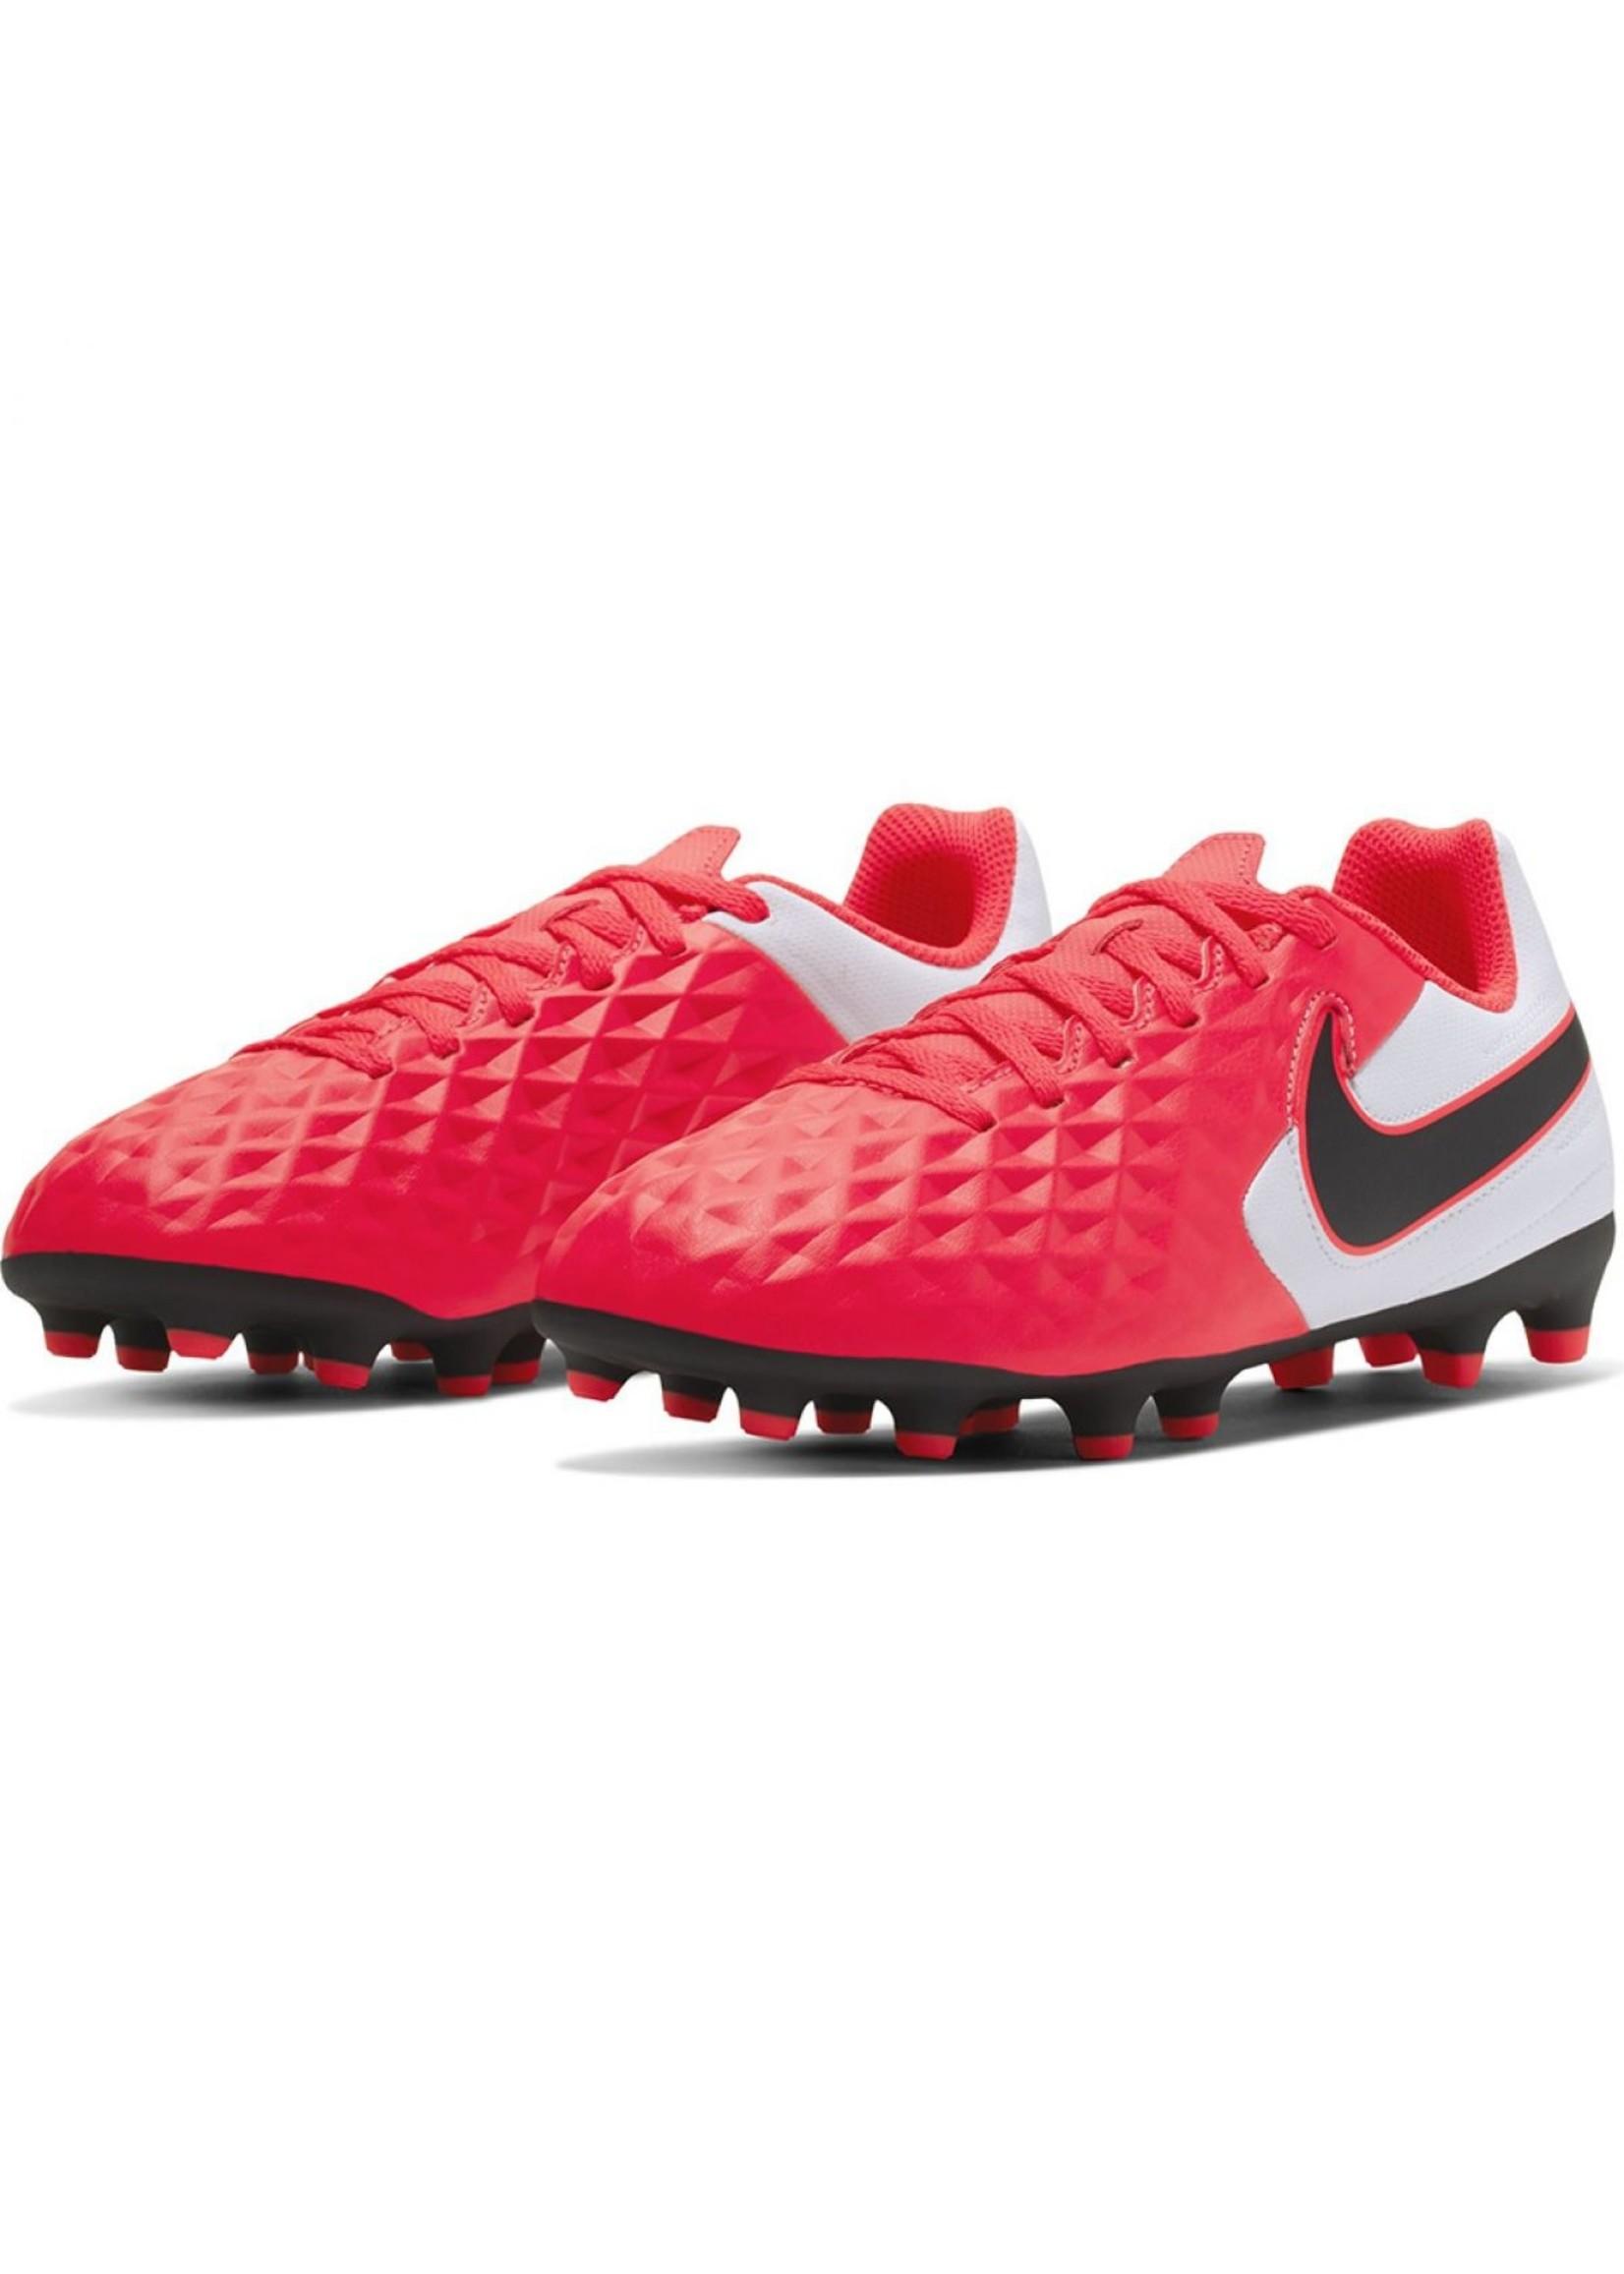 Nike JR LEGEND 8 CLUB FG/MG